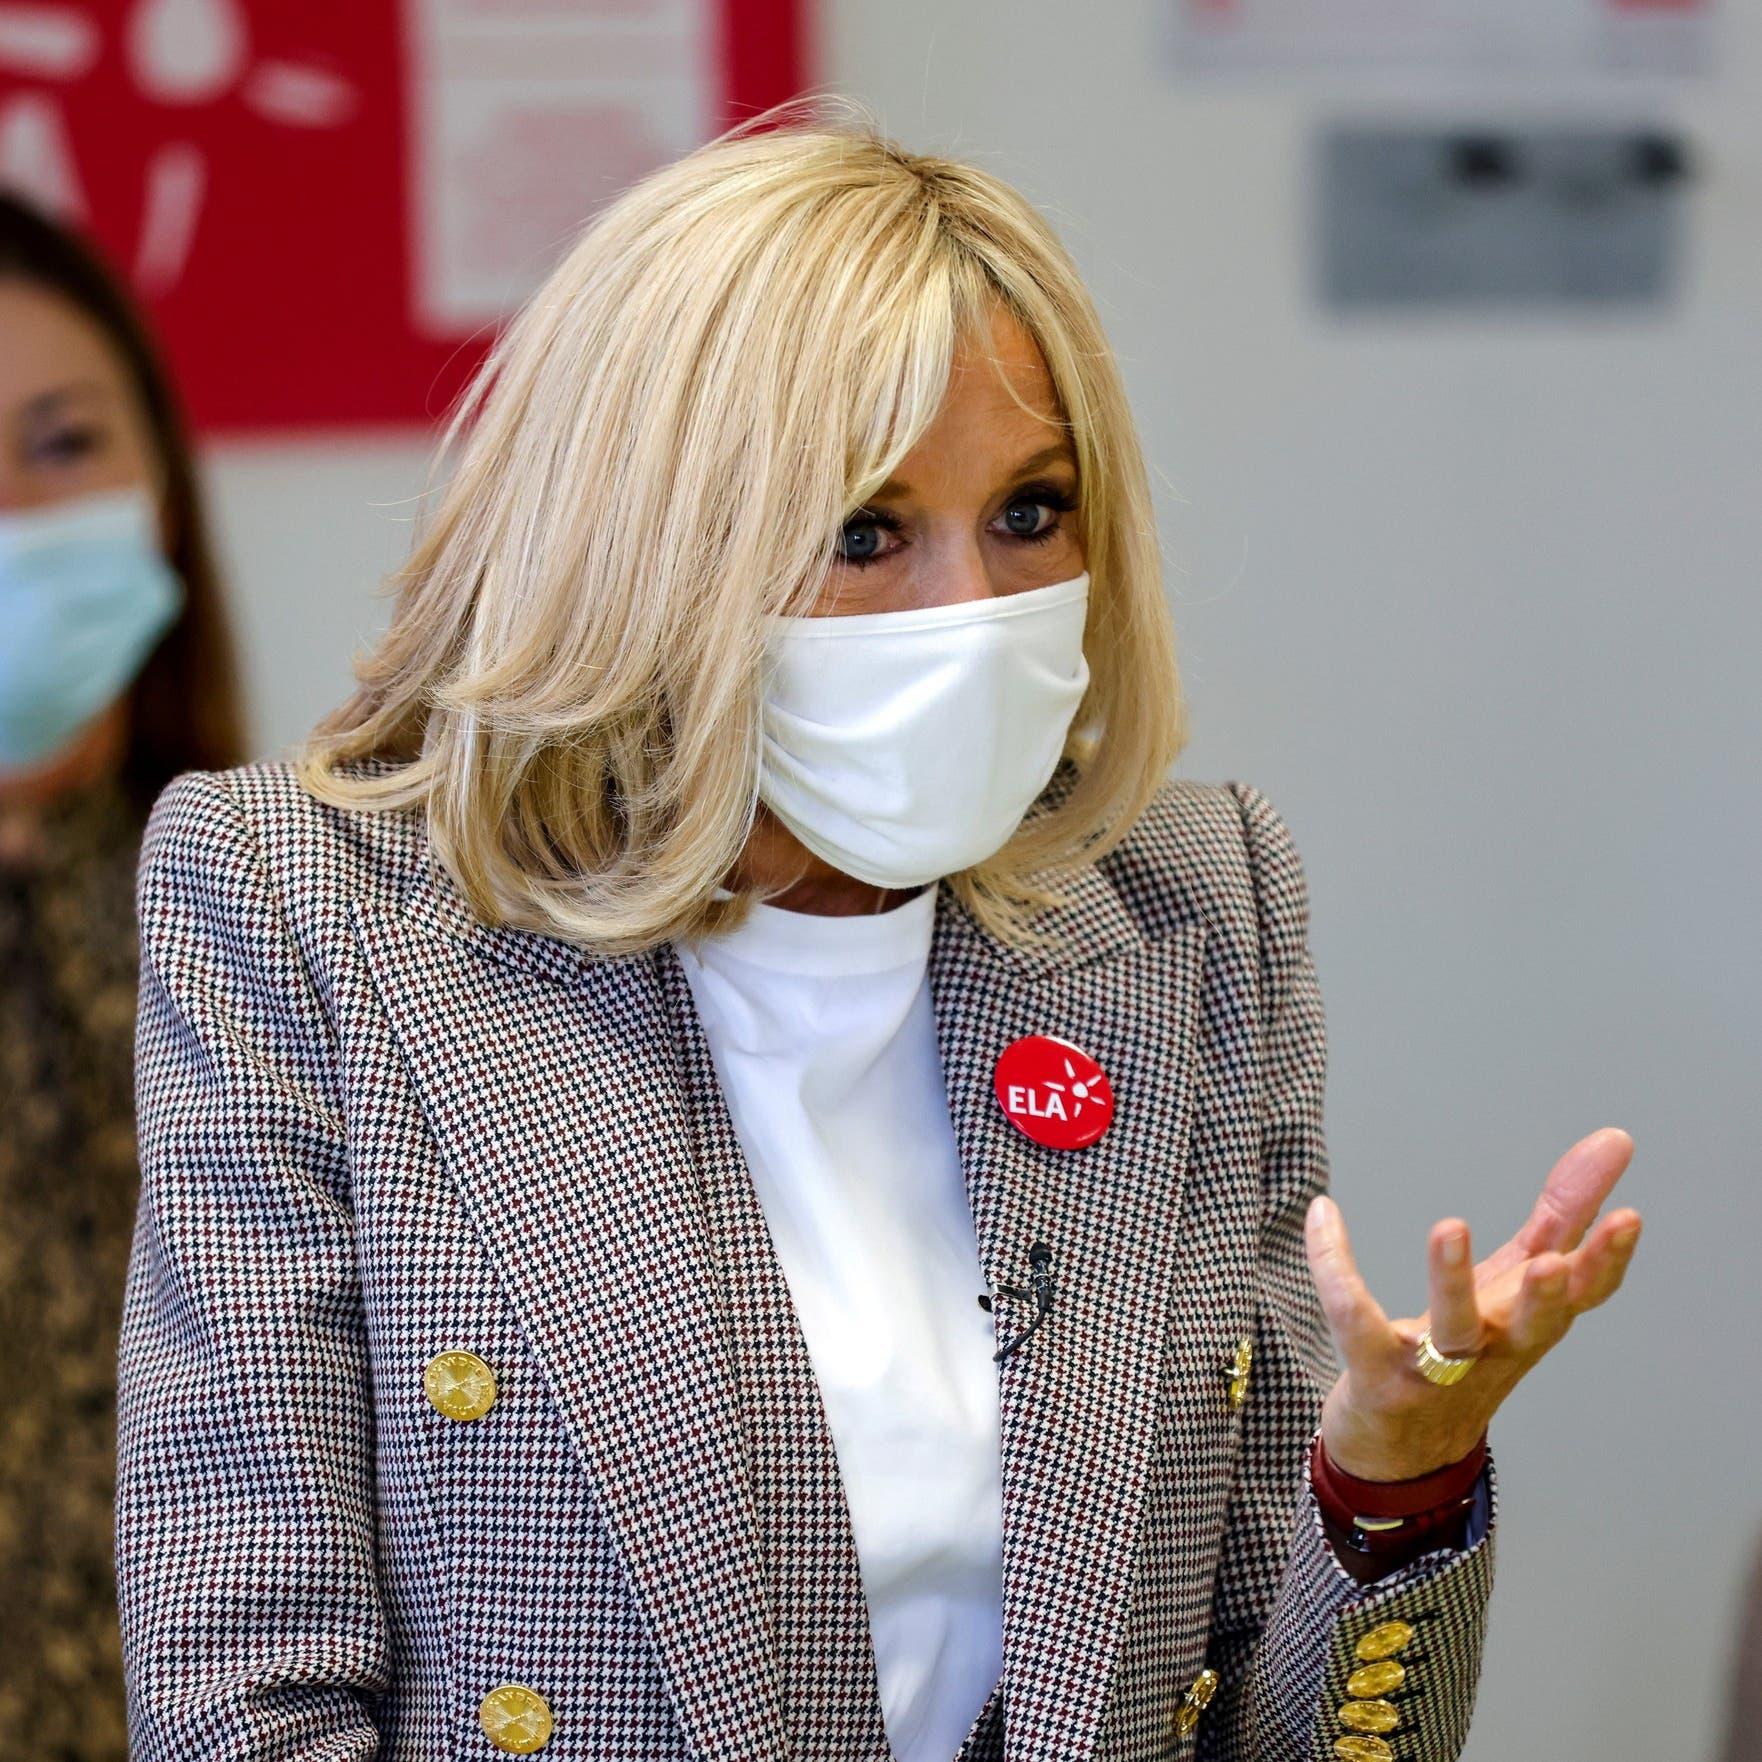 زوجة الرئيس الفرنسي تدخل الحجر بعد مخالطتها لمصاب بكورونا